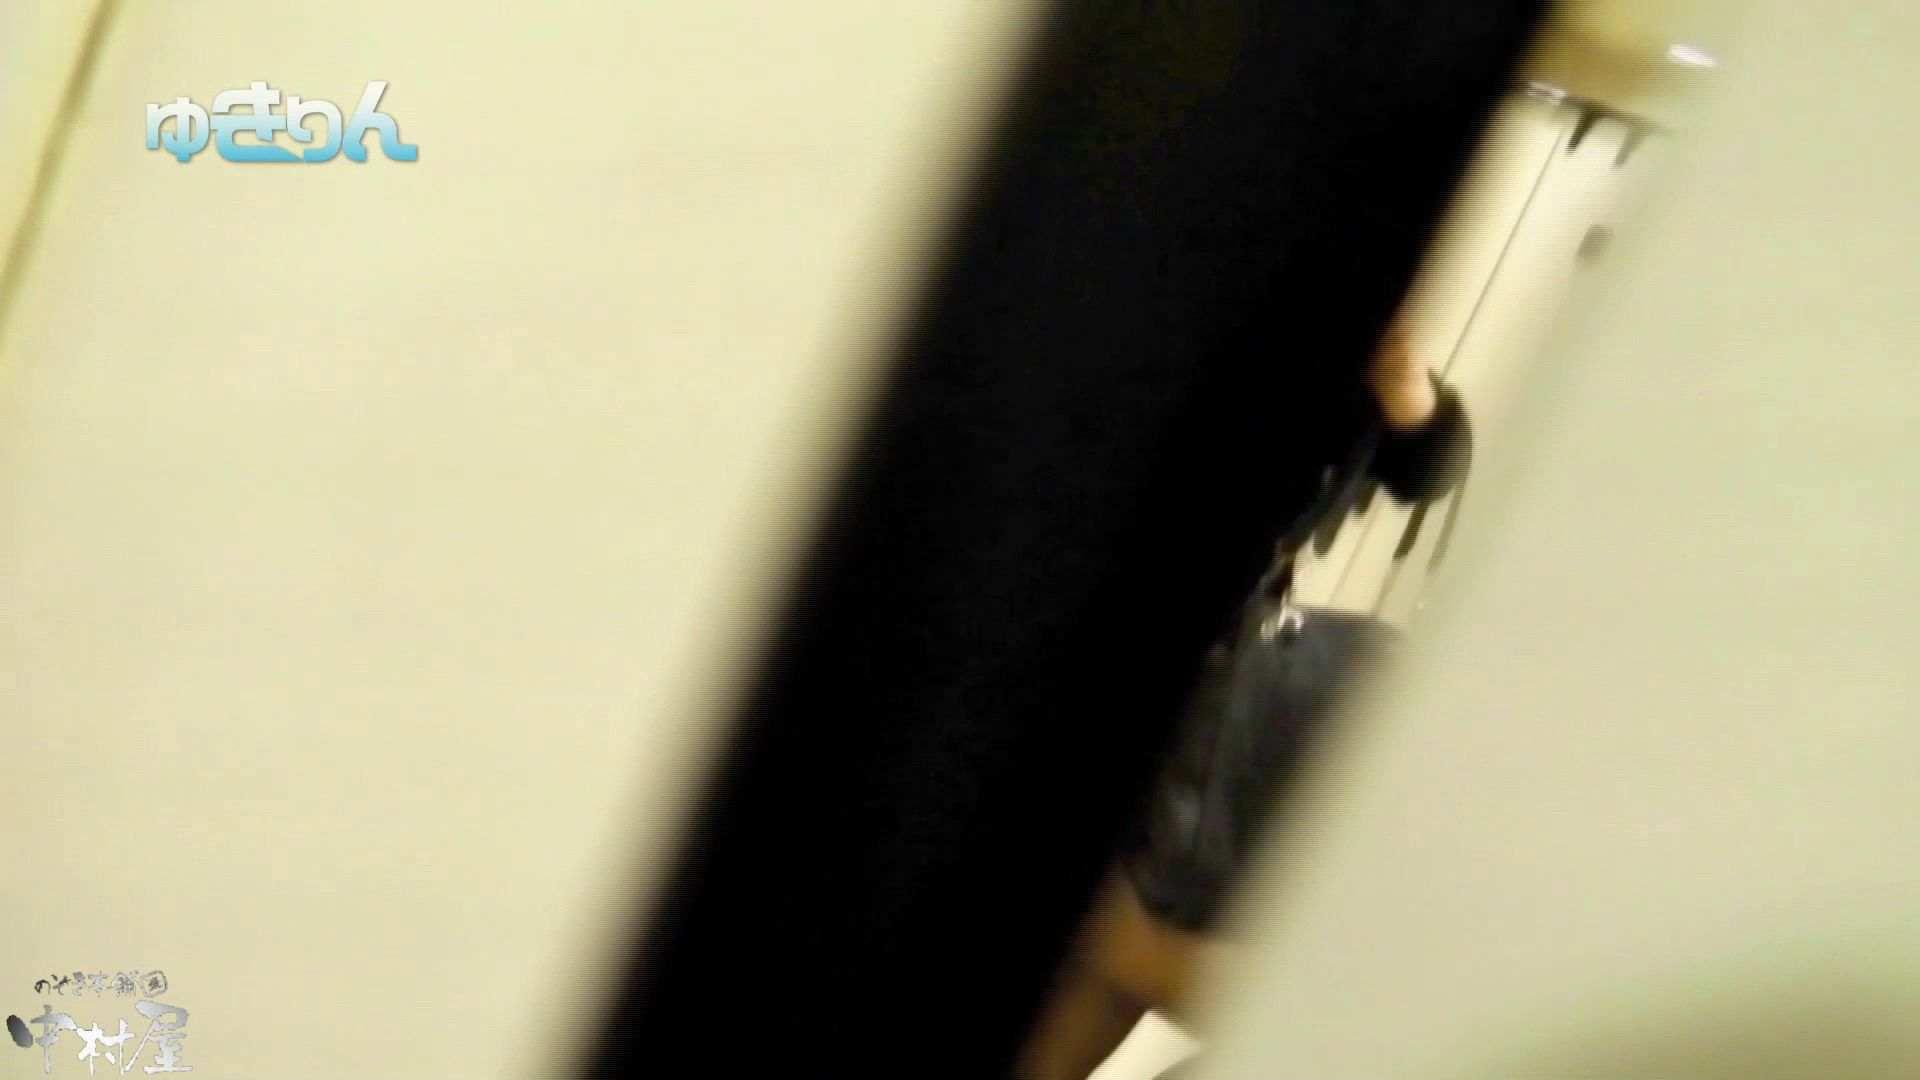 【世界の射窓から~ステーション編~】ステーション編 vol54 便秘のせいで長蛇の列、じっくり撮らせて頂きました後編 HなOL | 0  59pic 55